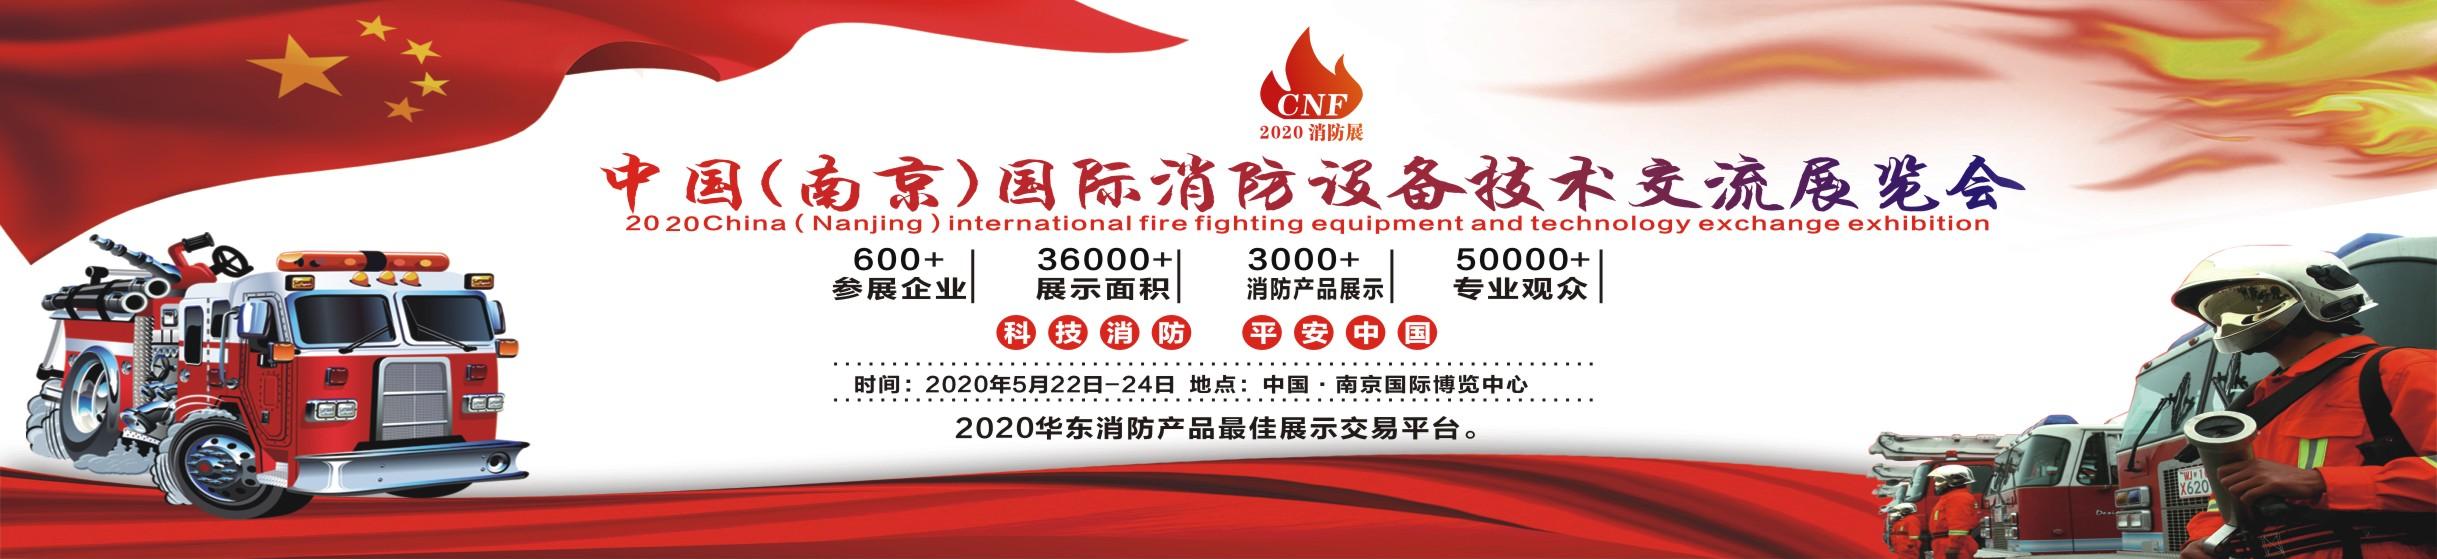 2020中国(南京)国际消防设备技术交流展览会